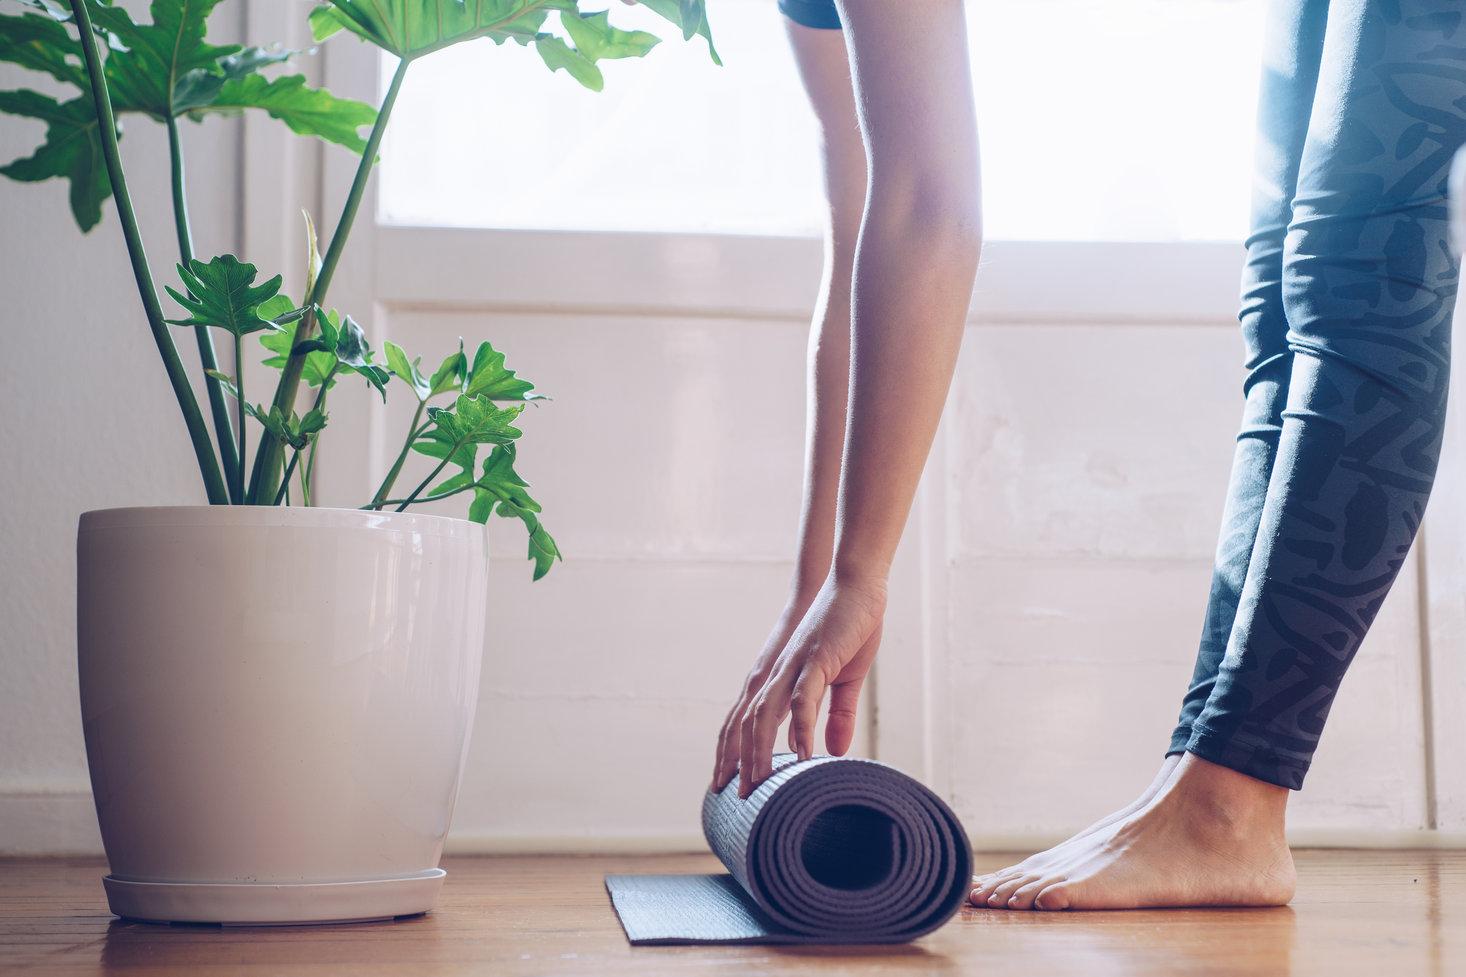 Tappetino yoga: quello giusto per te!